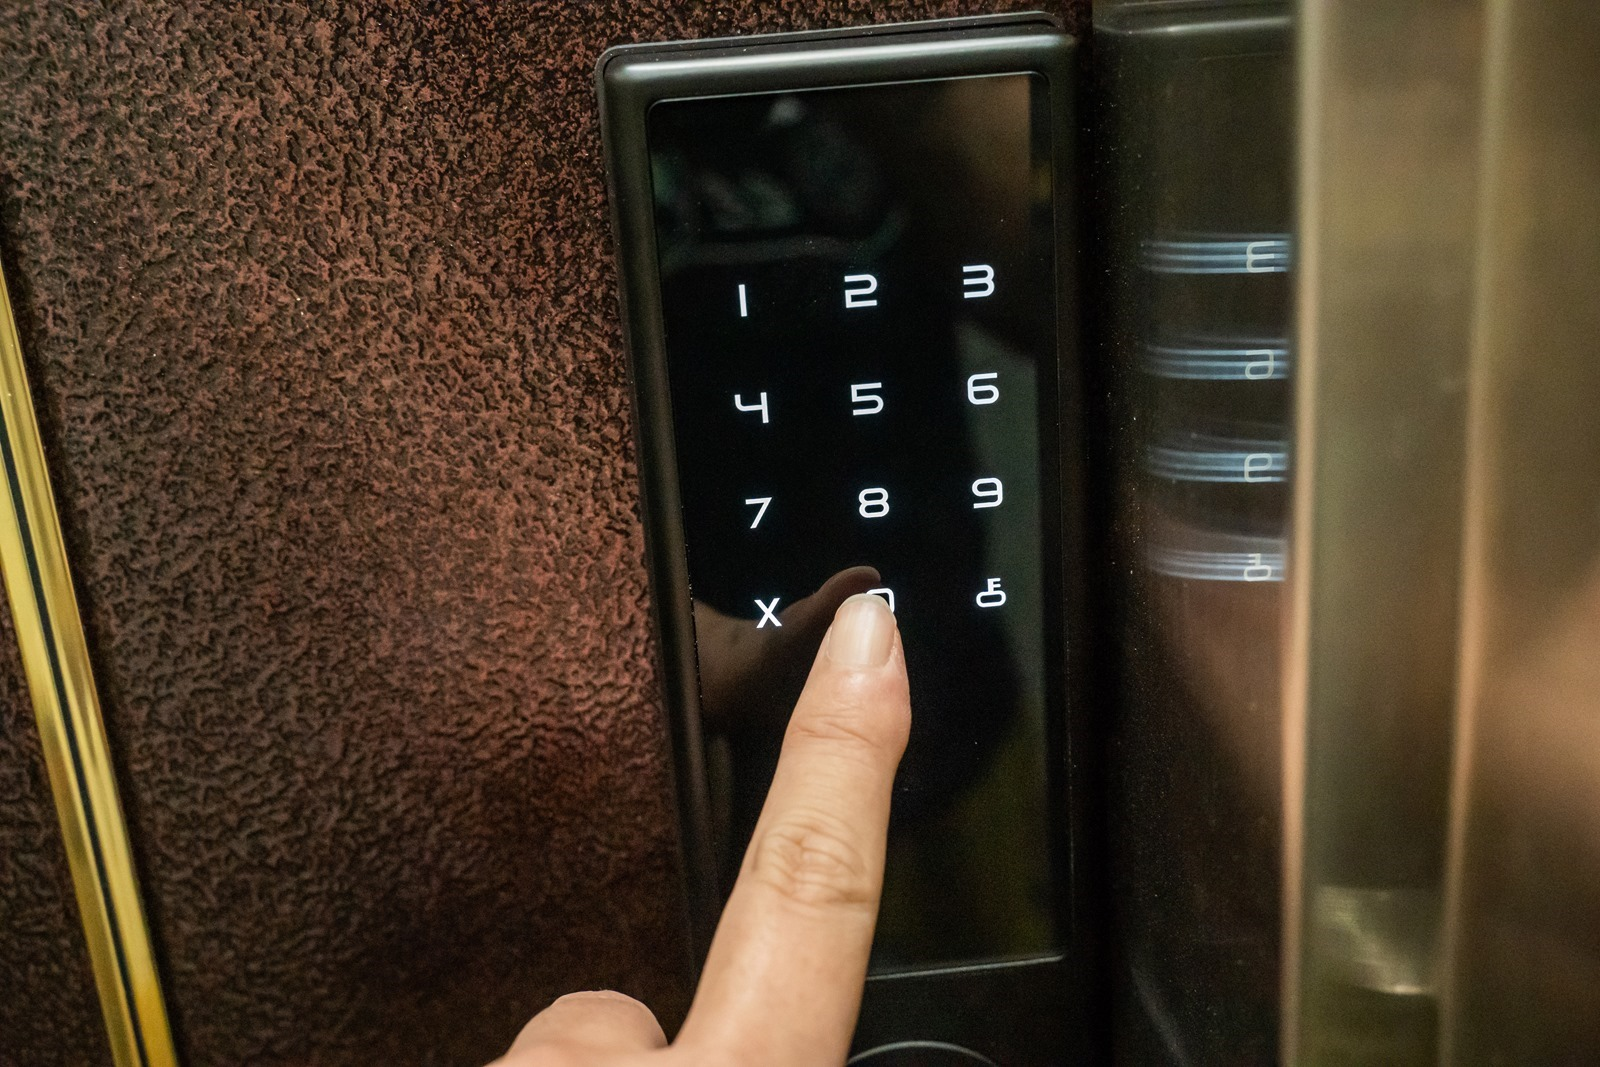 從叮叮噹噹又重的大把鑰匙中解放!OJJ 智慧指紋電子鎖給您輕鬆開門返家的自由體驗 @3C 達人廖阿輝